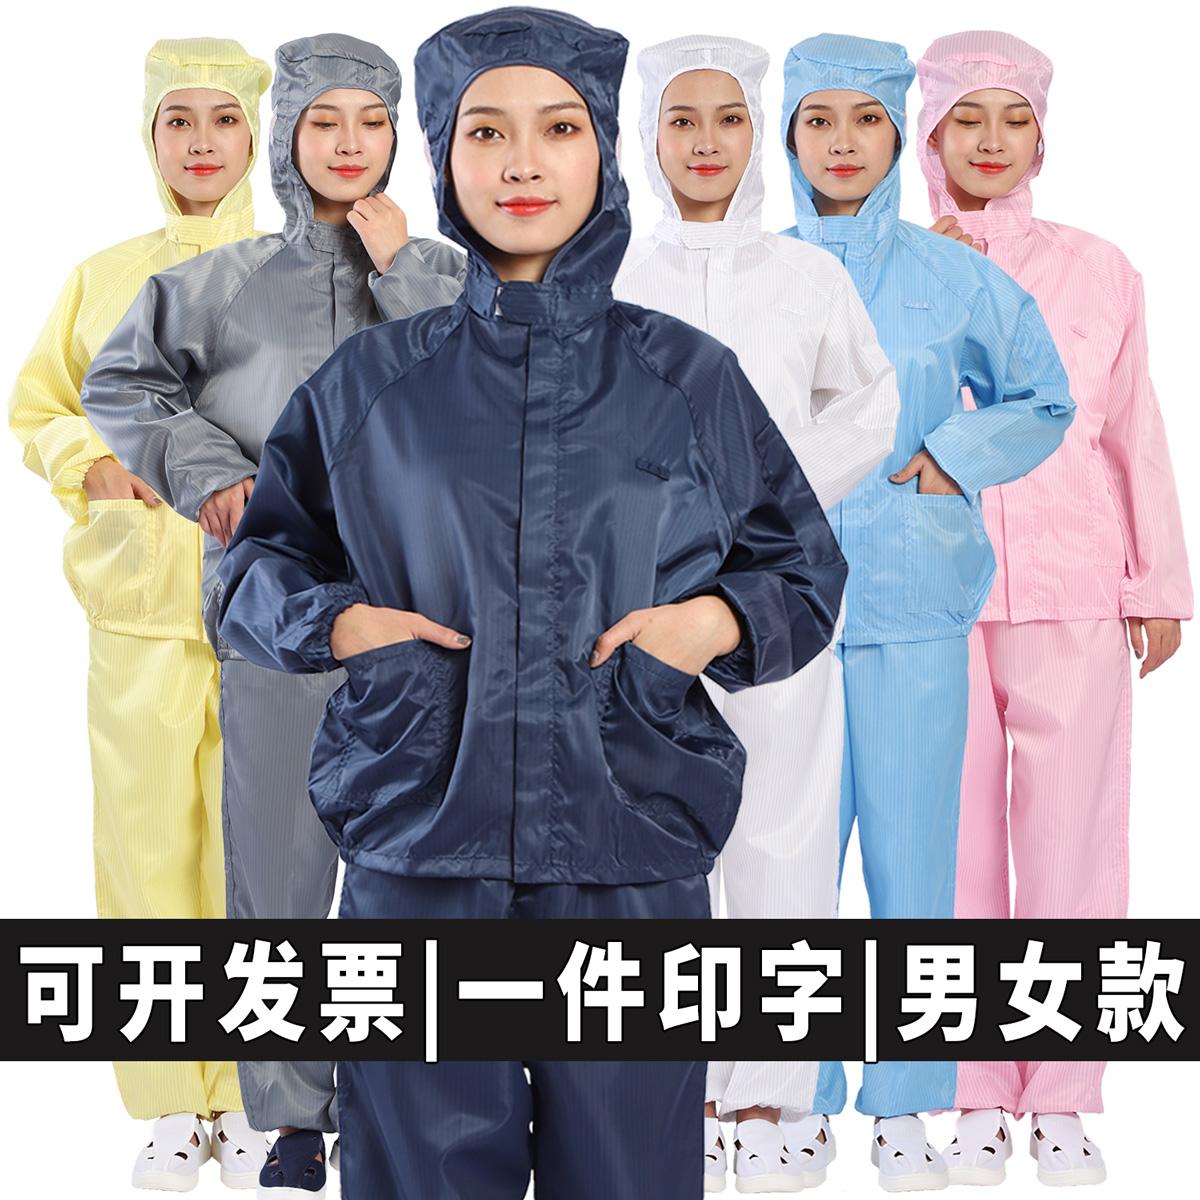 Одежда защитная Артикул 557152884630